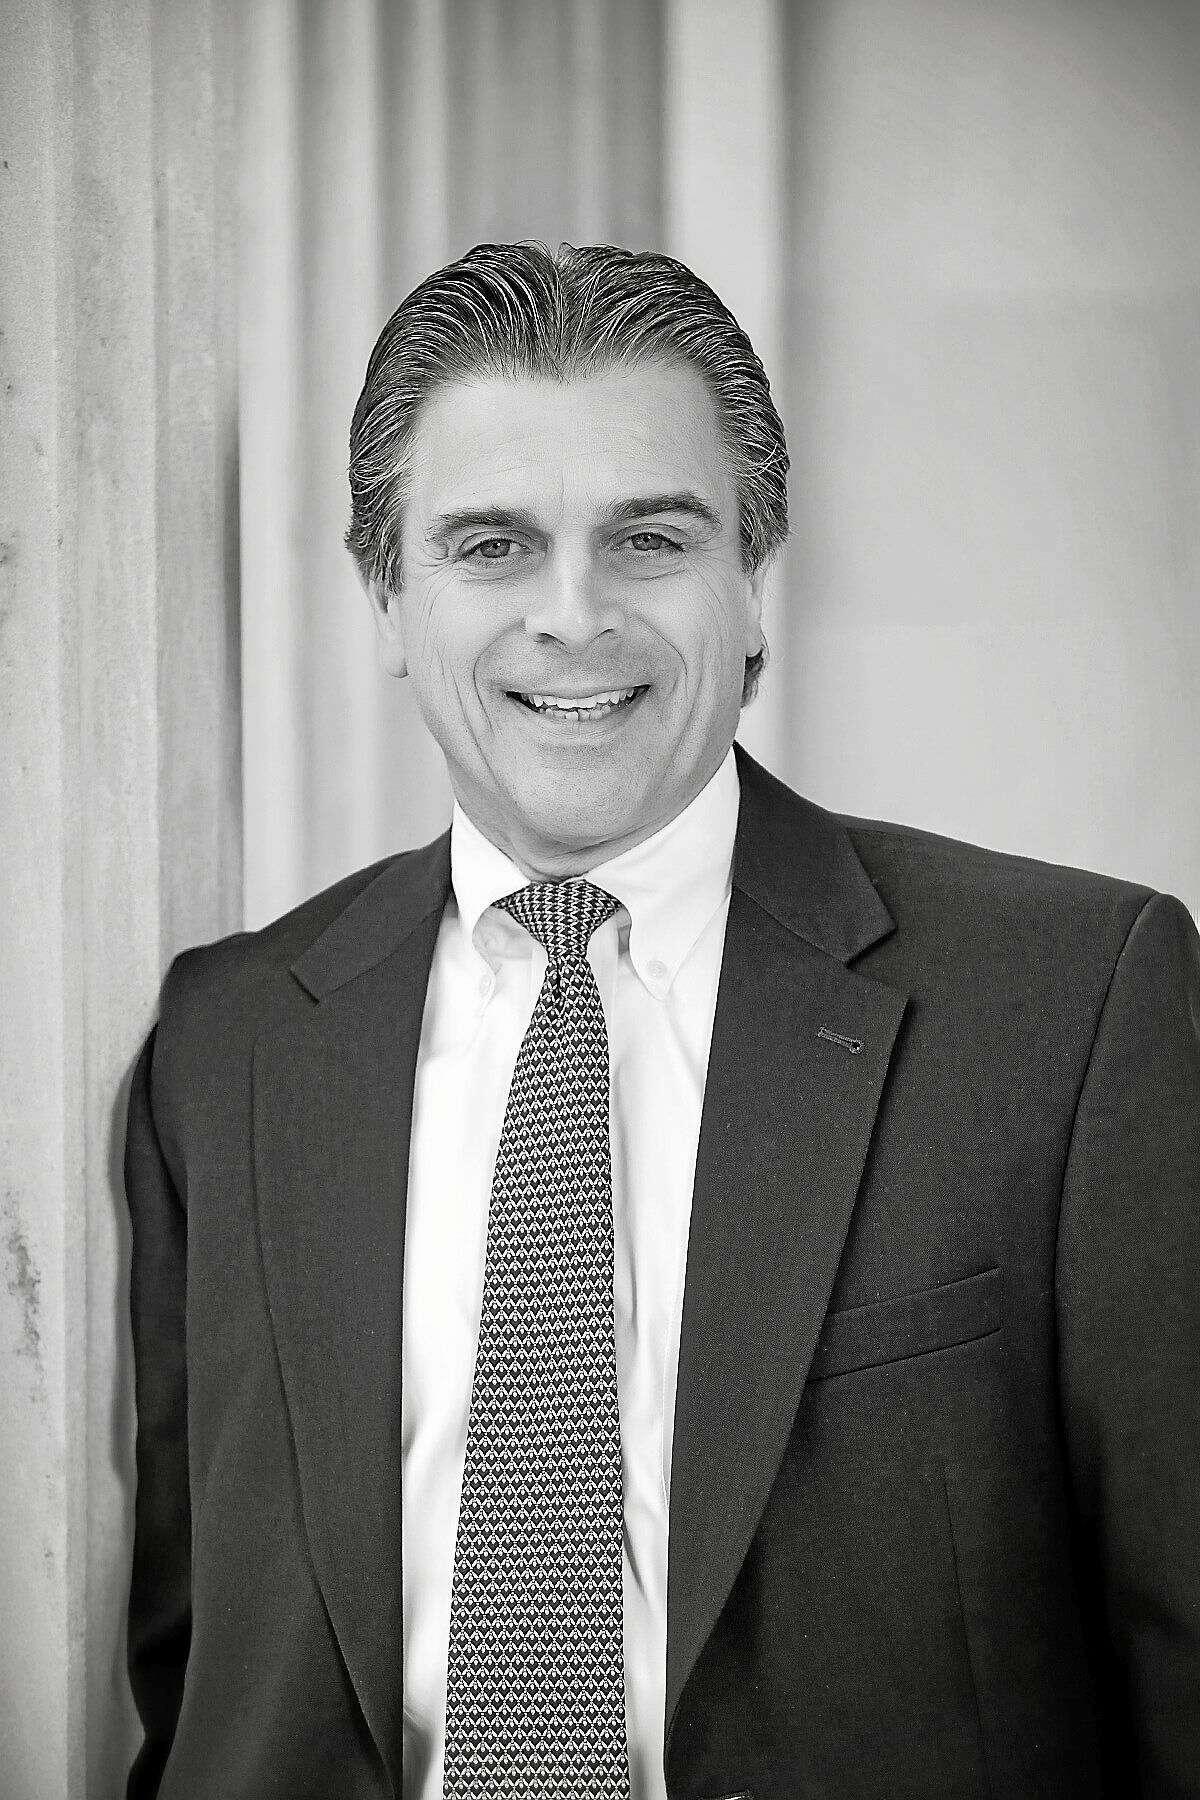 Timothy J. Arborio